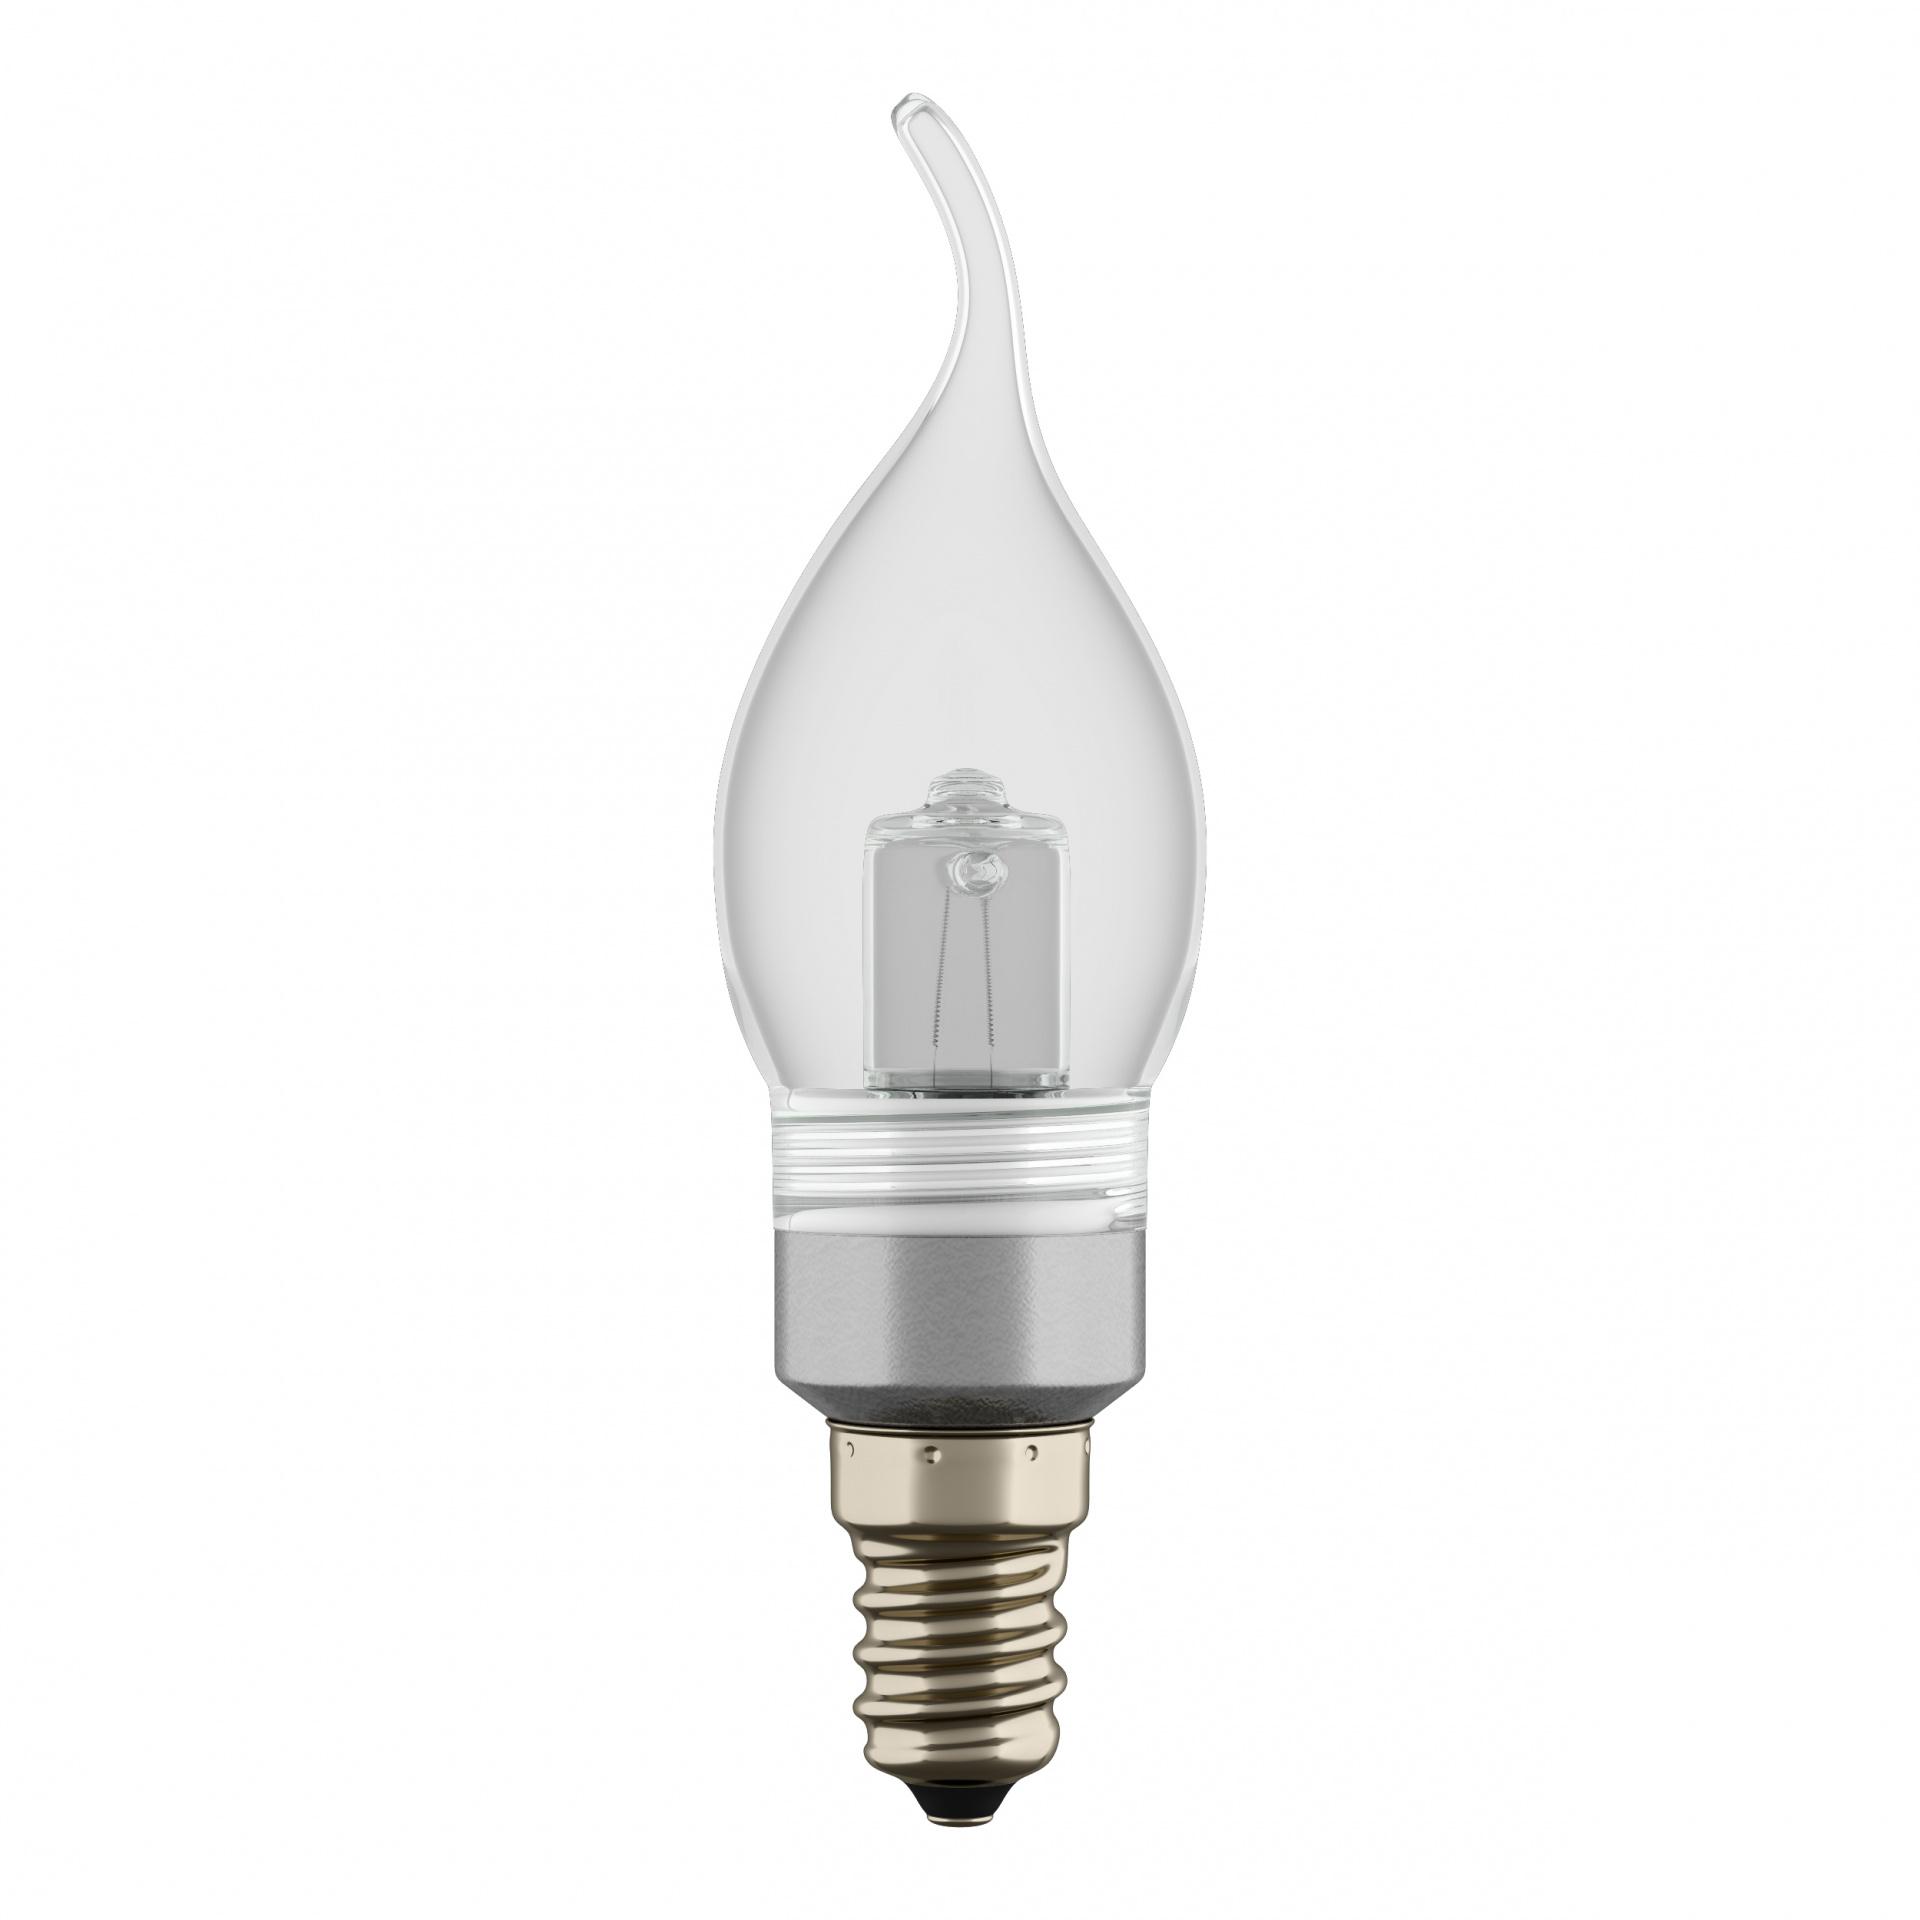 Лампа HAL 220V CA35 E14 40W RM RA100 2800K 2000H DIMM Lightstar 922951, купить в СПб, Москве, с доставкой, Санкт-Петербург, интернет-магазин люстр и светильников Starlight, фото в жизни